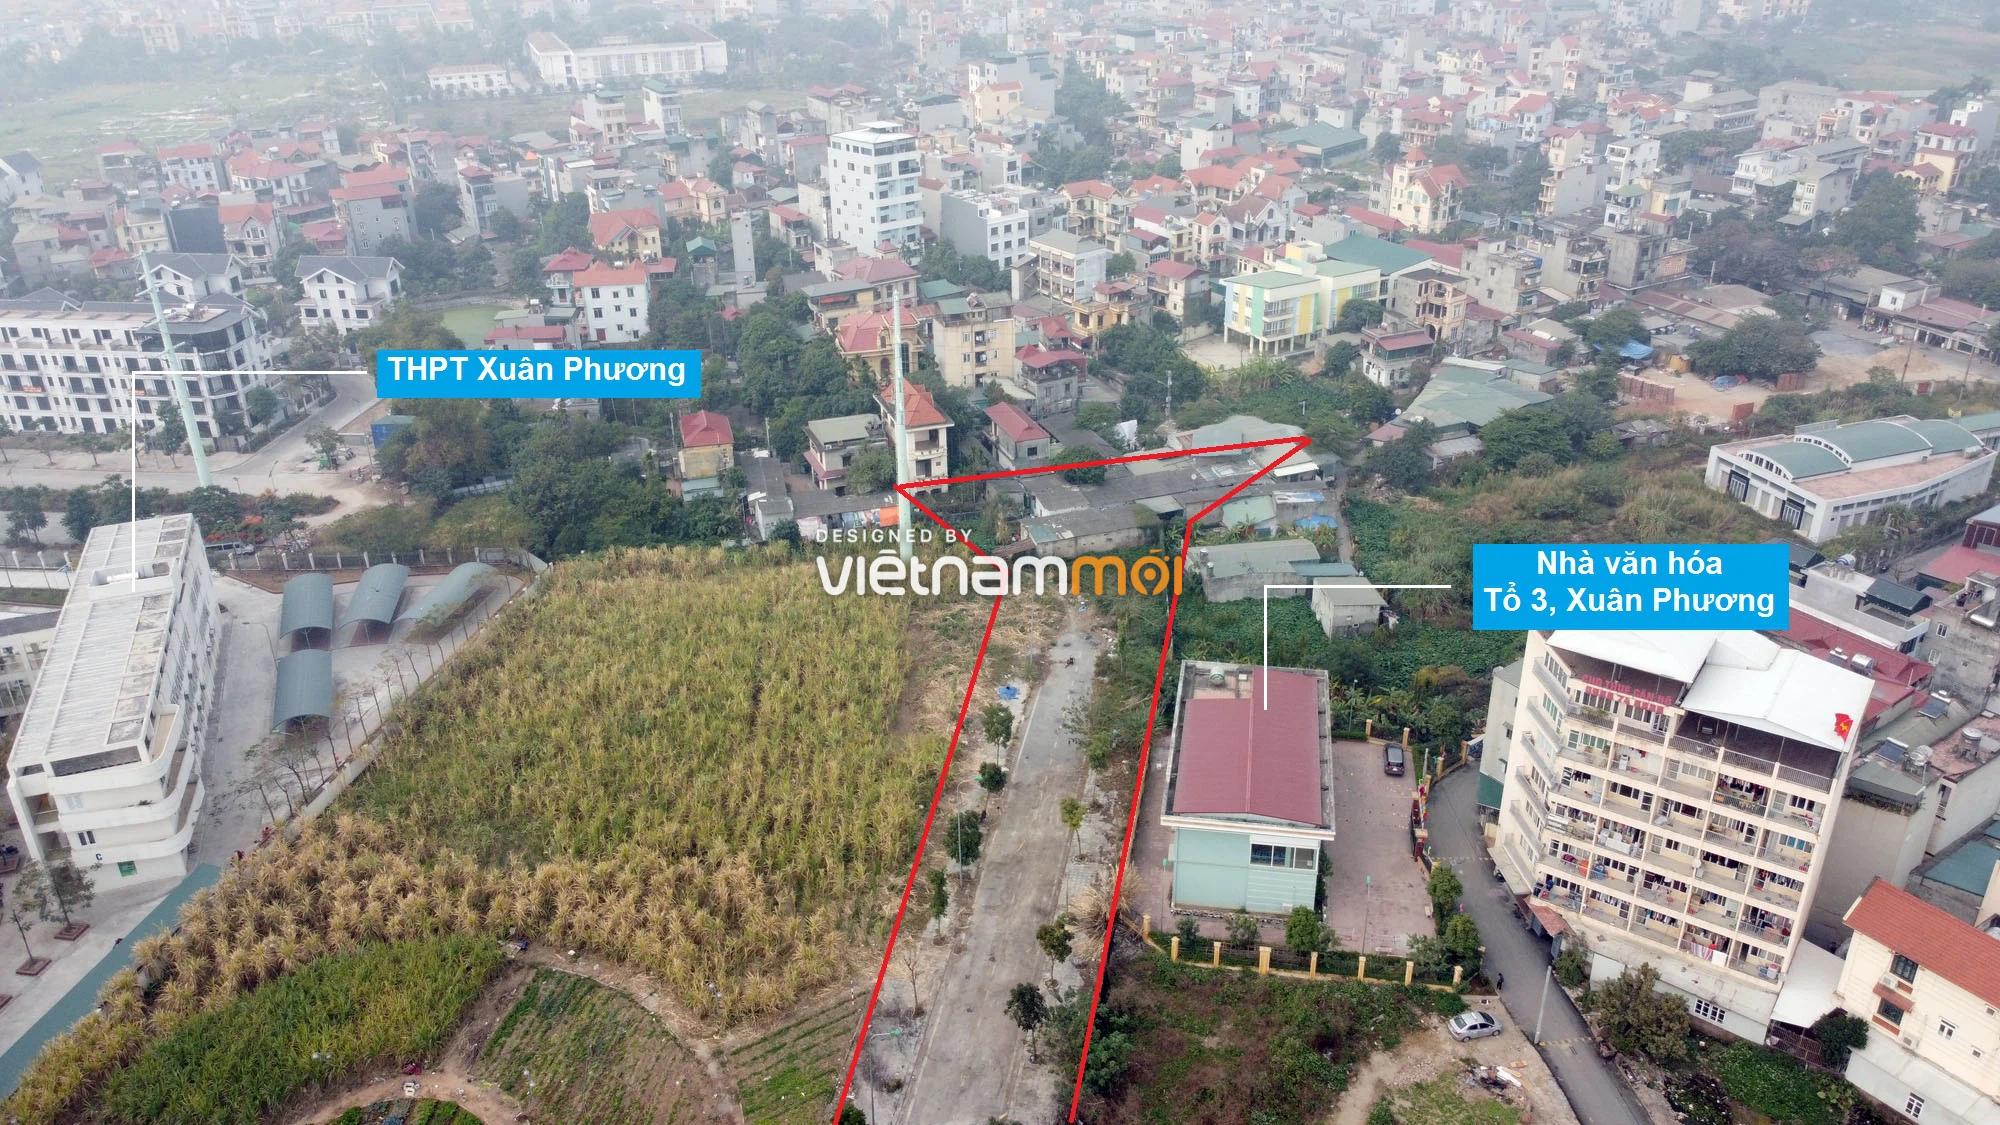 Những khu đất sắp thu hồi để mở đường ở phường Xuân Phương, Nam Từ Liêm, Hà Nội (phần 1) - Ảnh 10.